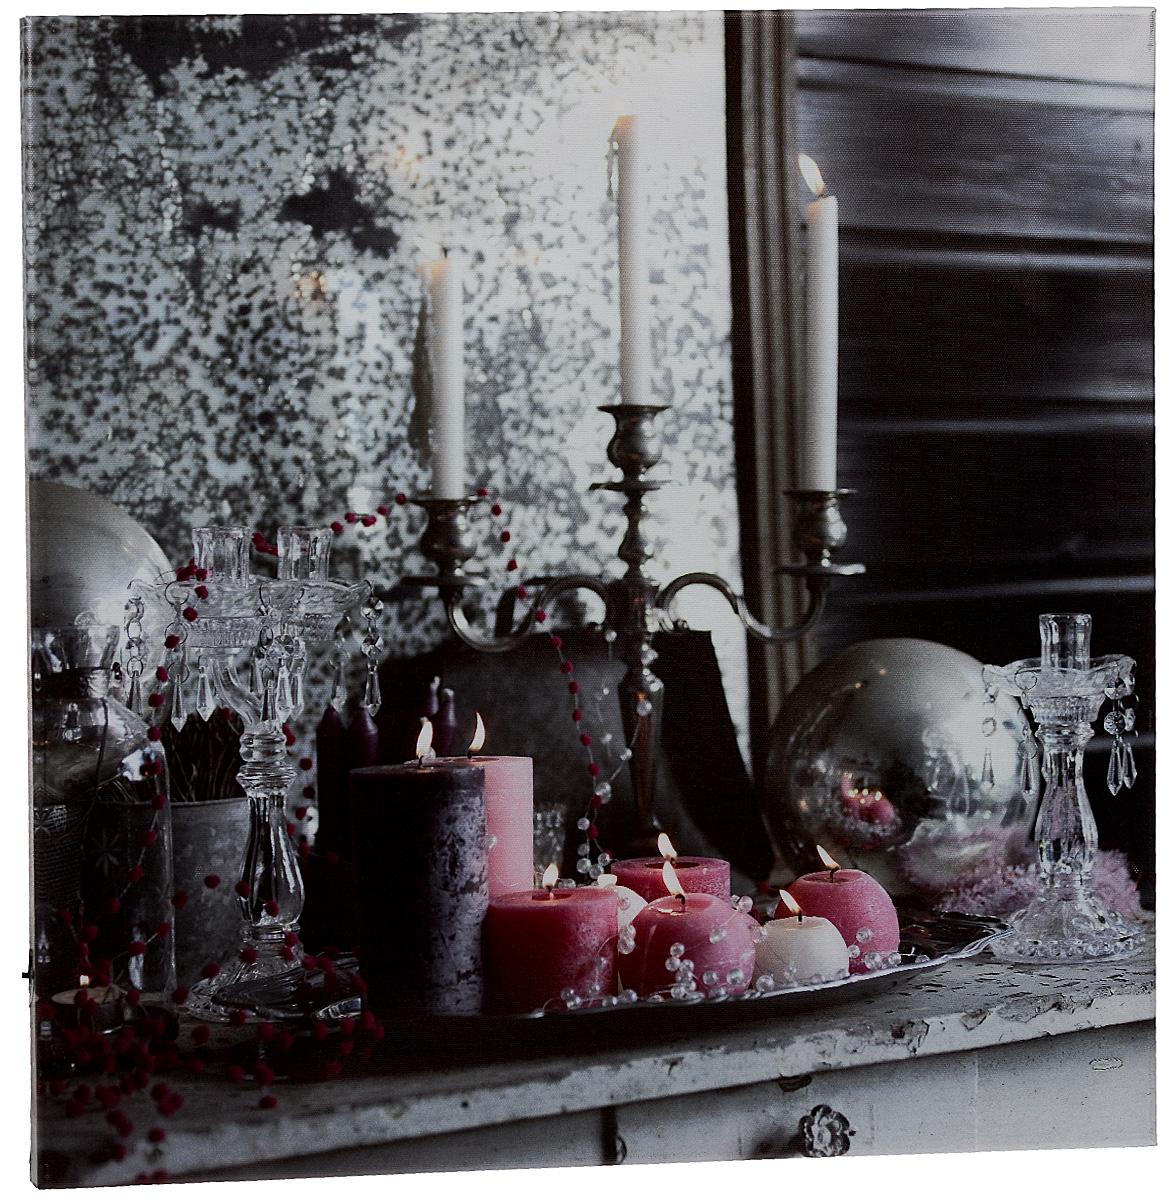 Картина MTH Праздничная декорация, со светодиодами, 50 х 50 смled5050-01Картина MTH Праздничная декорация выполнена на основе из МДФ, обтянутой холстом. Изделие оснащено светодиодами. Их теплый мерцающий в темноте свет оживит ваш дом и добавит ему уюта. На картине изображены свечи. Благодаря светодиодной подсветке создается ощущение, что теплый свет, исходящий от свечей, действительно может согревать. С оборотной стороны картина оснащена специальным отверстием для подвешивания на стену. Необычная картина придаст интерьеру невероятного шарма и оригинальности. Рисунок успокаивает нервную систему, помогая расслабиться и отвлечься от повседневных забот. Подсветка работает от 2 батареек типа АА напряжением 1,5V (в комплект не входят).